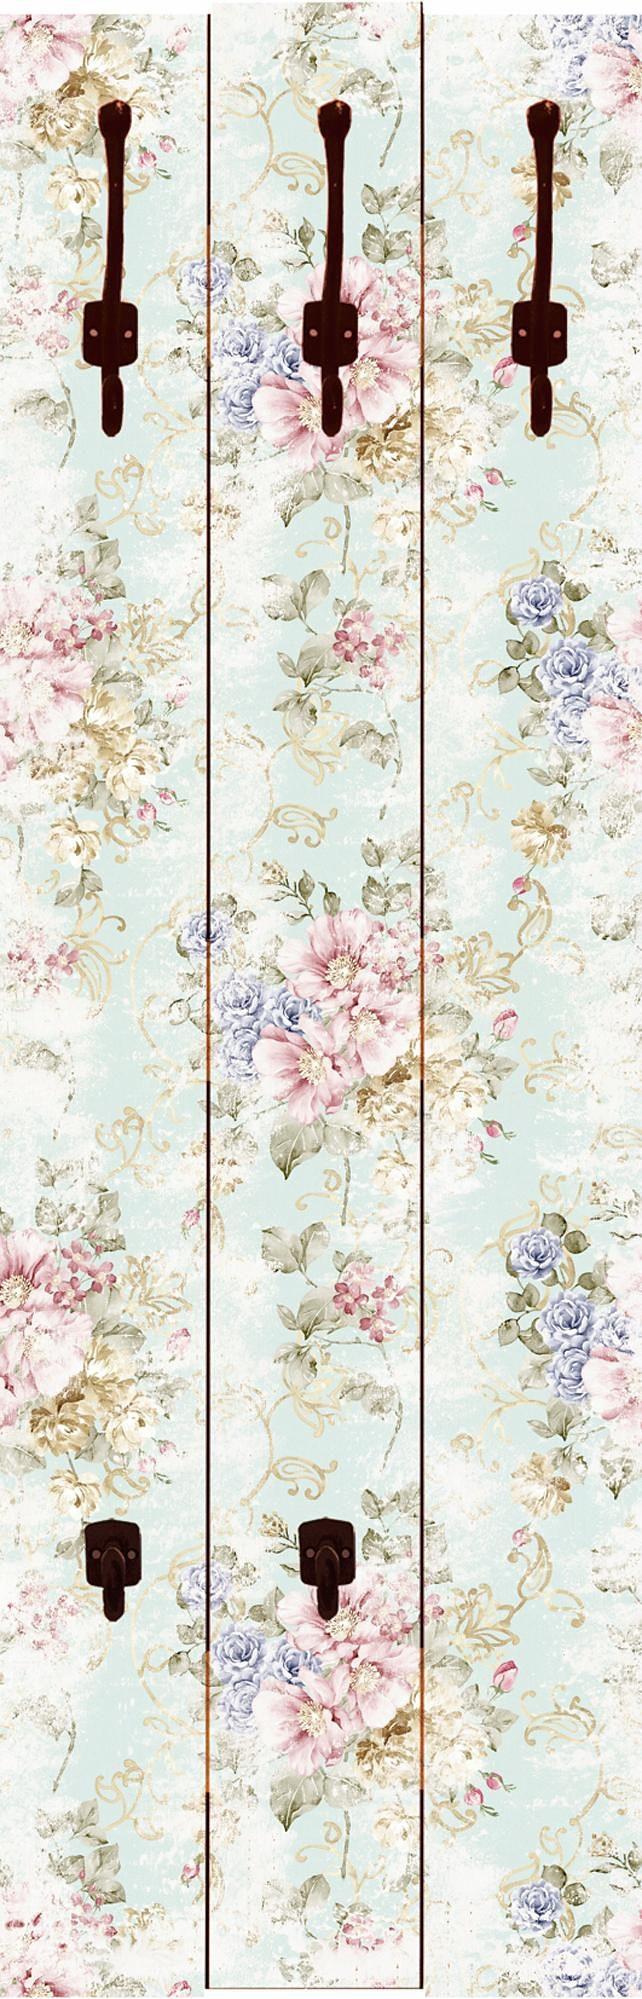 Home affaire, Garderobe, »tanginuk1205: Blumen mit nahtlosem Muster im Hintergrund«, 45/140 cm